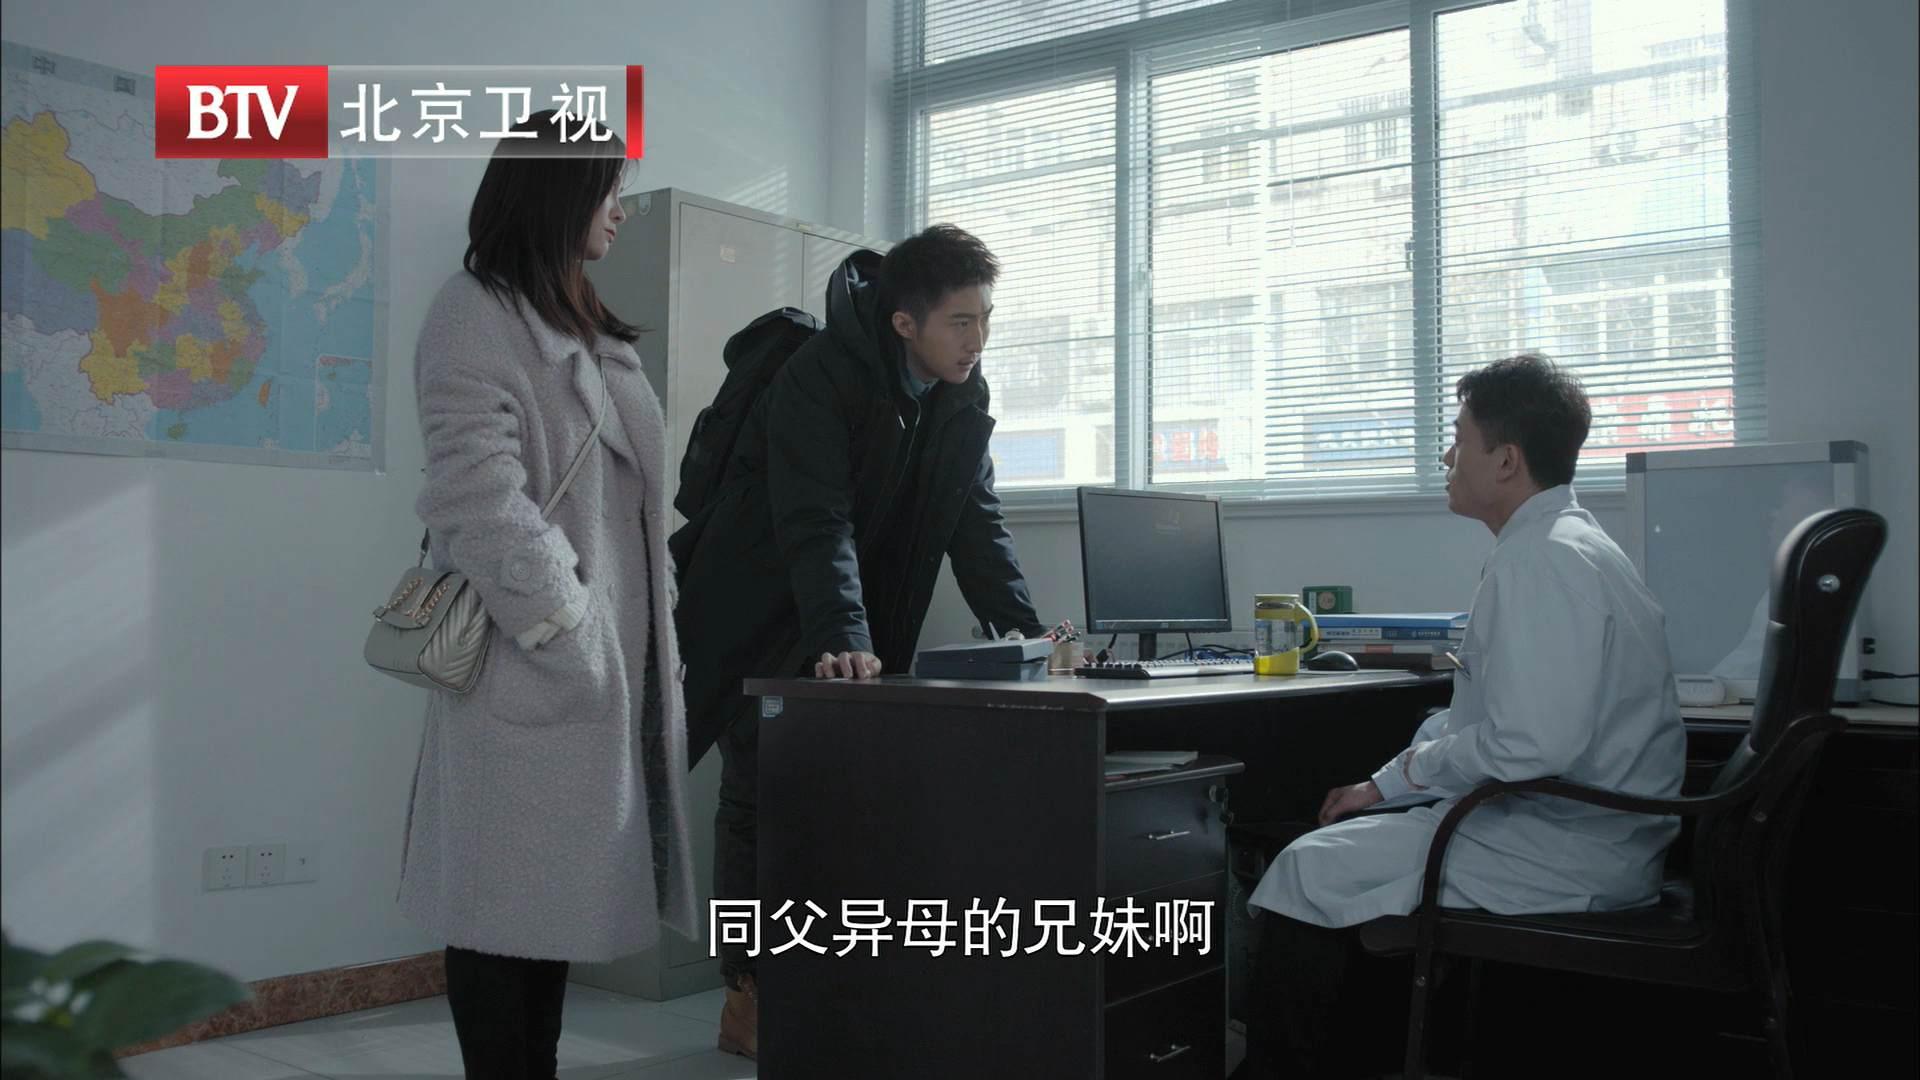 《燃烧》第4集预览:杨衡偷找鉴定机构 要查与此人的血缘关系